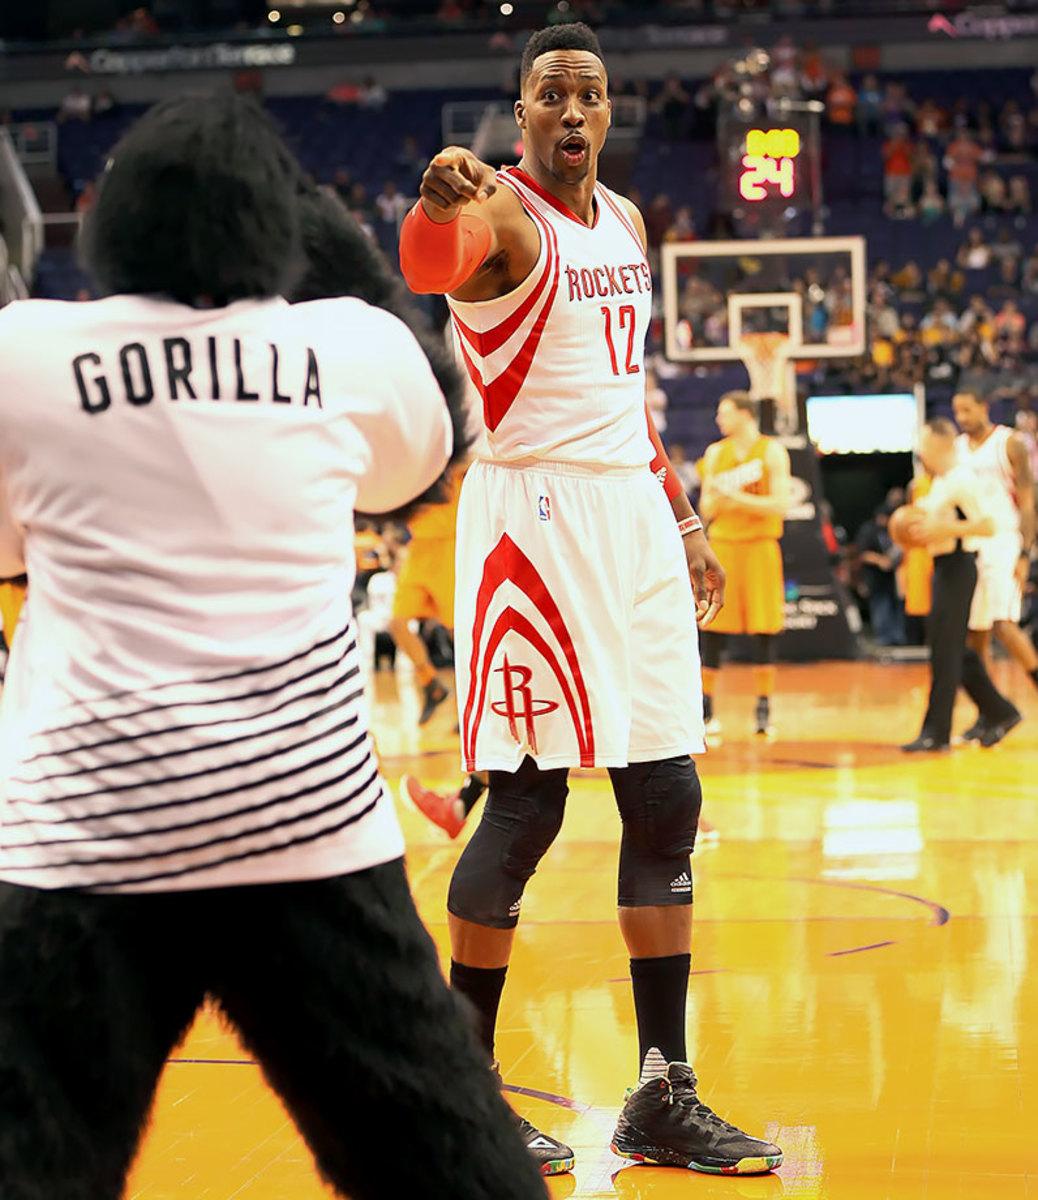 2016-0219-Dwight-Howard-Suns-Gorilla-YYP_4991.jpg